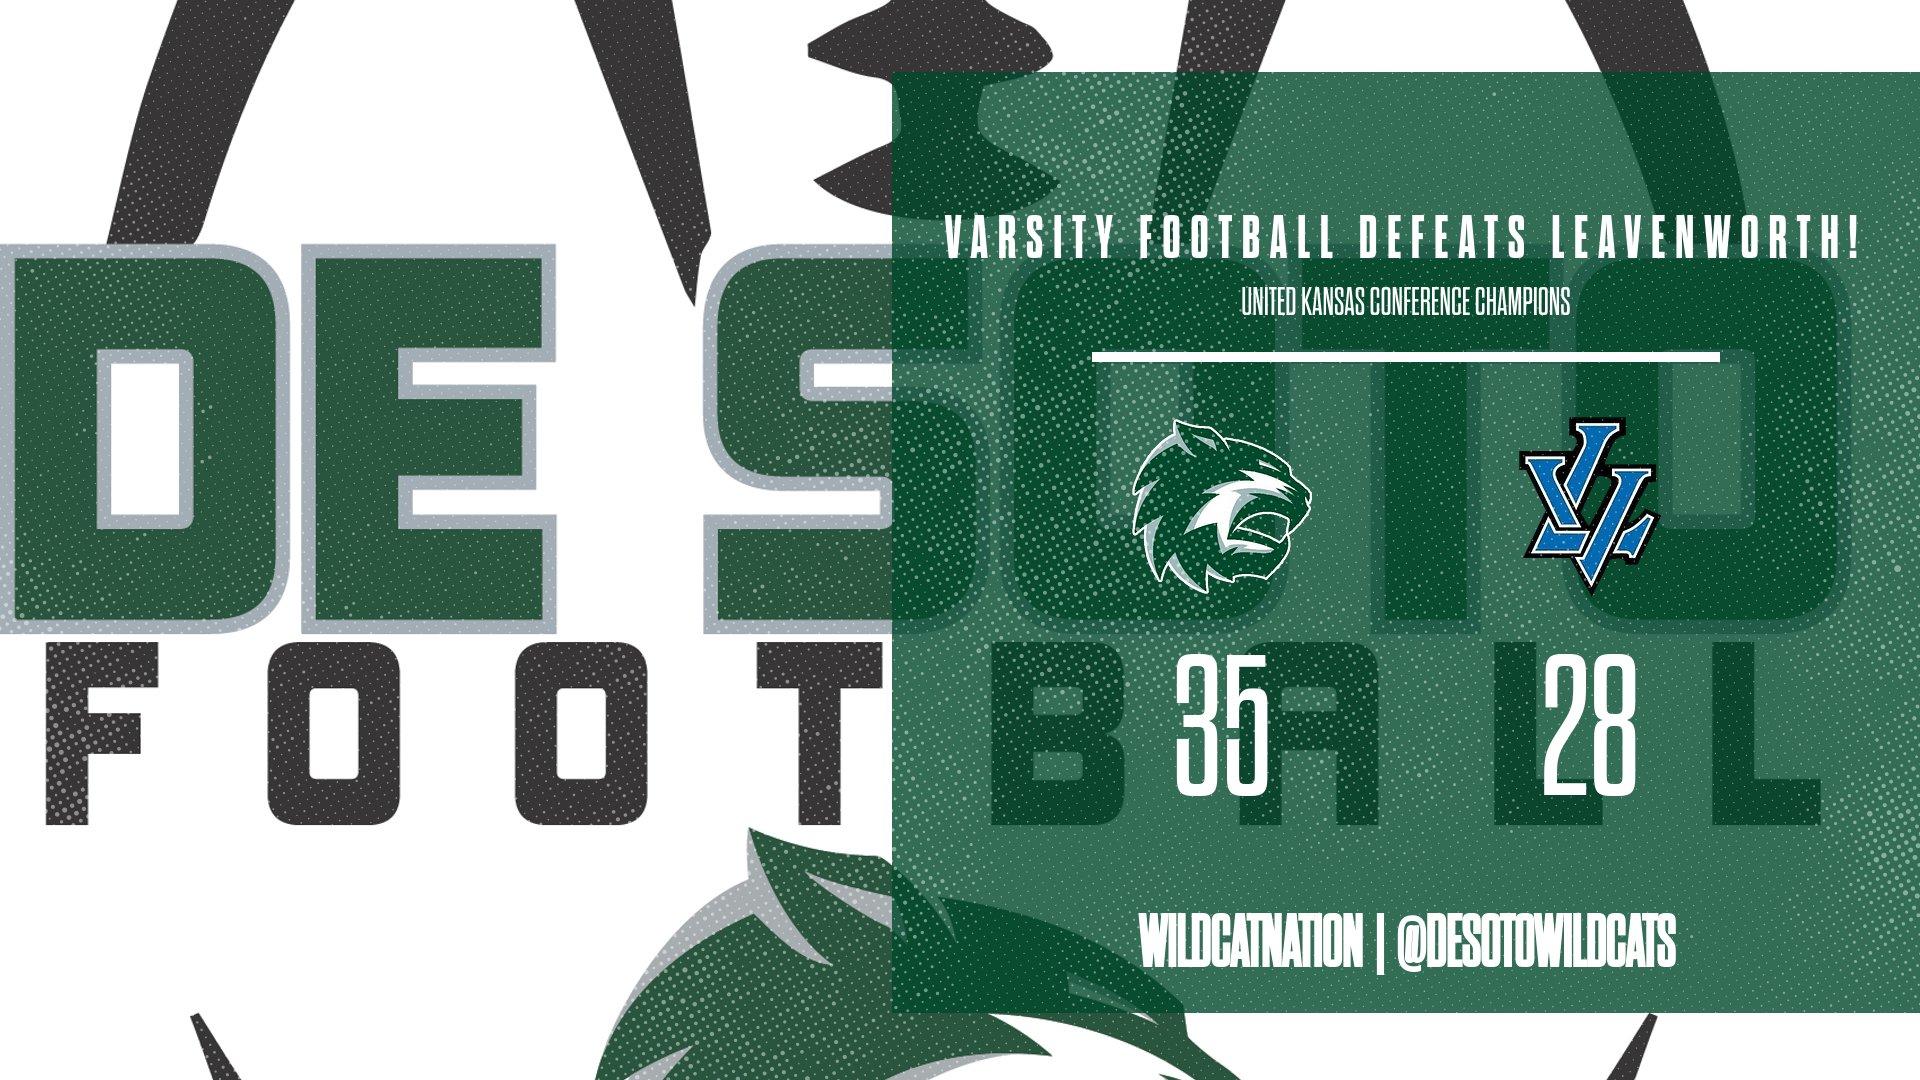 Varsity Football defeats Leavenworth 35-28